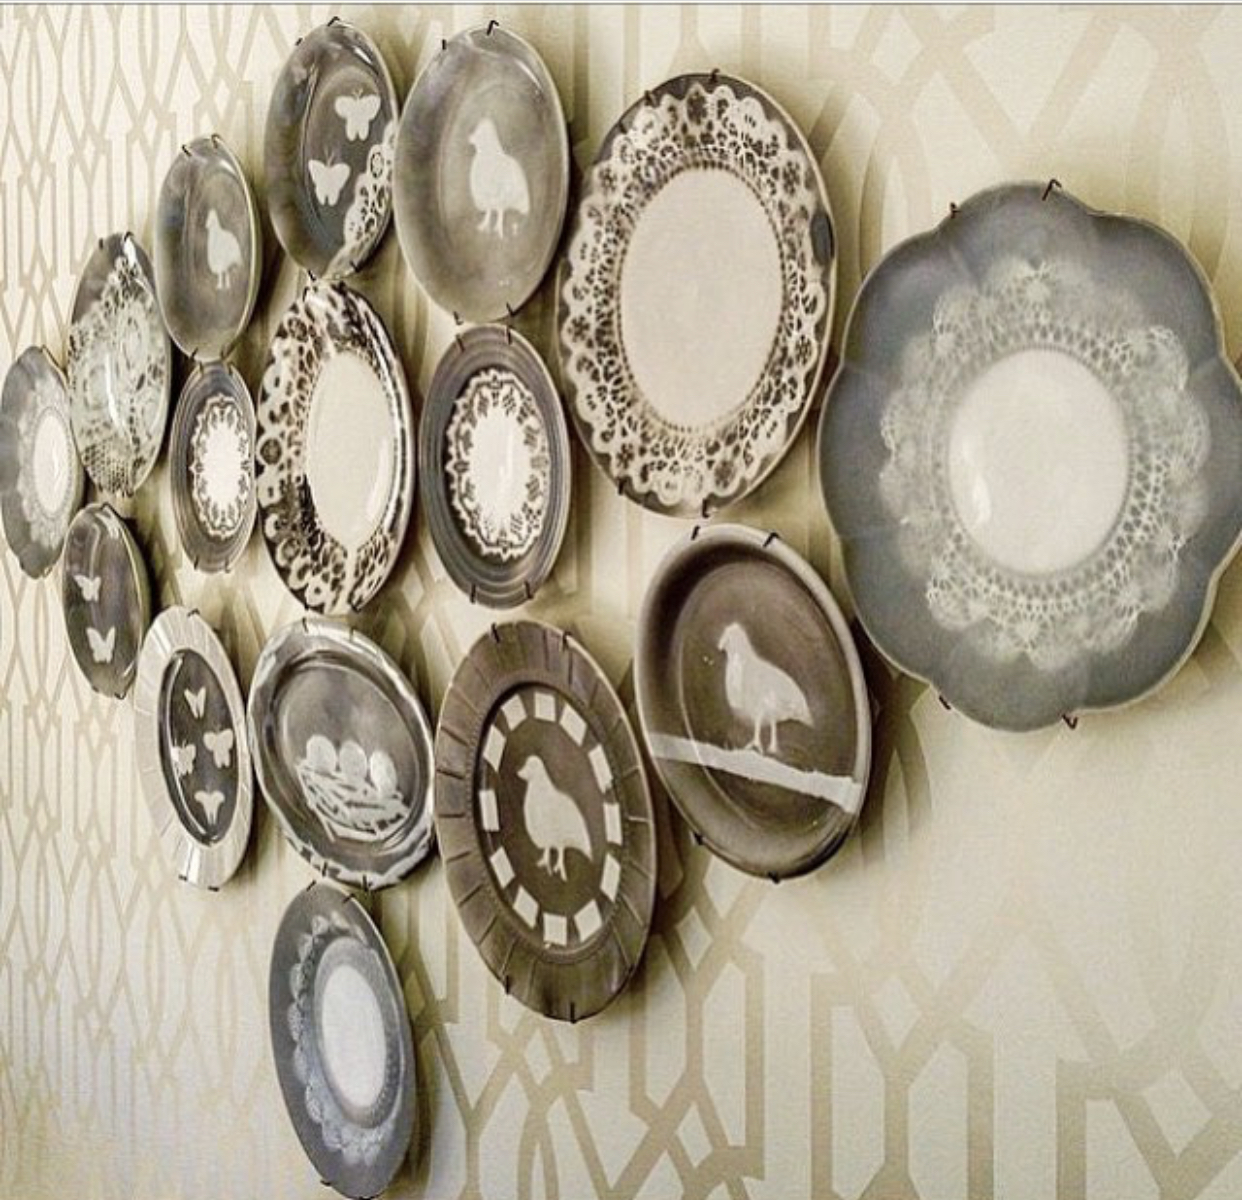 Colección de platos de Grey transfer, de Lu & Bo en el comedor de una cliente.